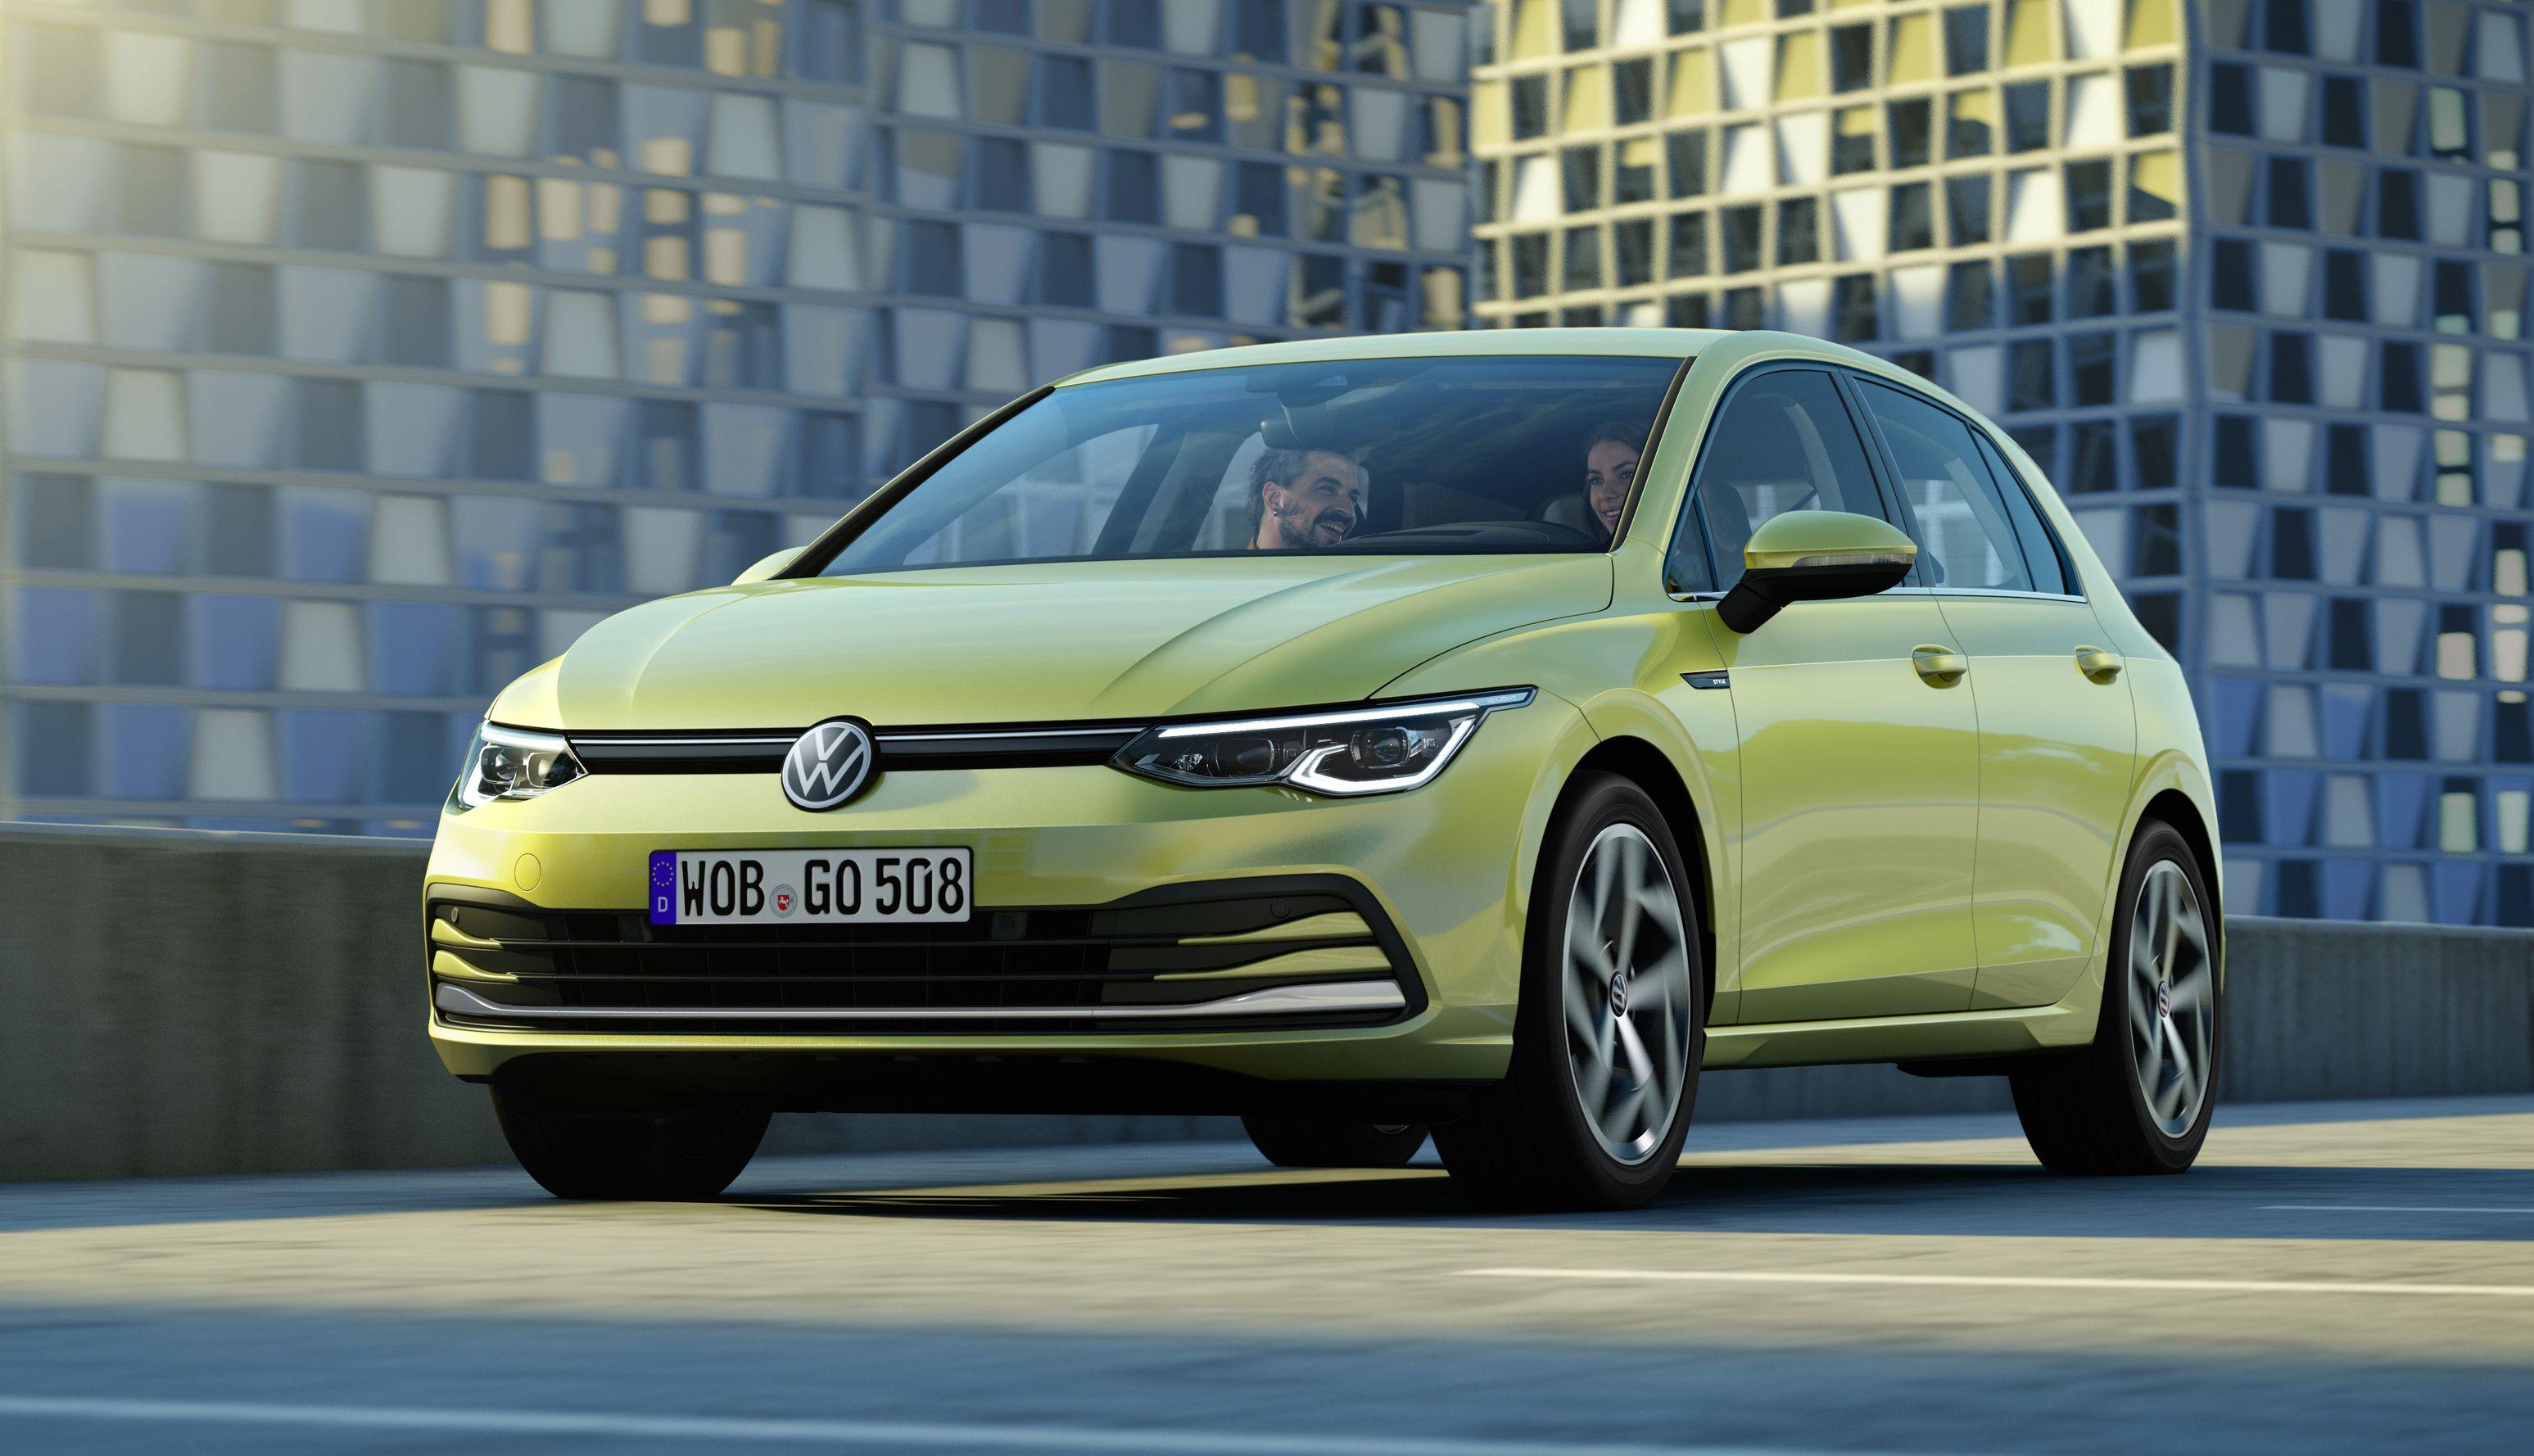 The Best Tech Features In The Volkswagen Golf Mk8 With Images Volkswagen Golf Volkswagen Volkswagen Passat